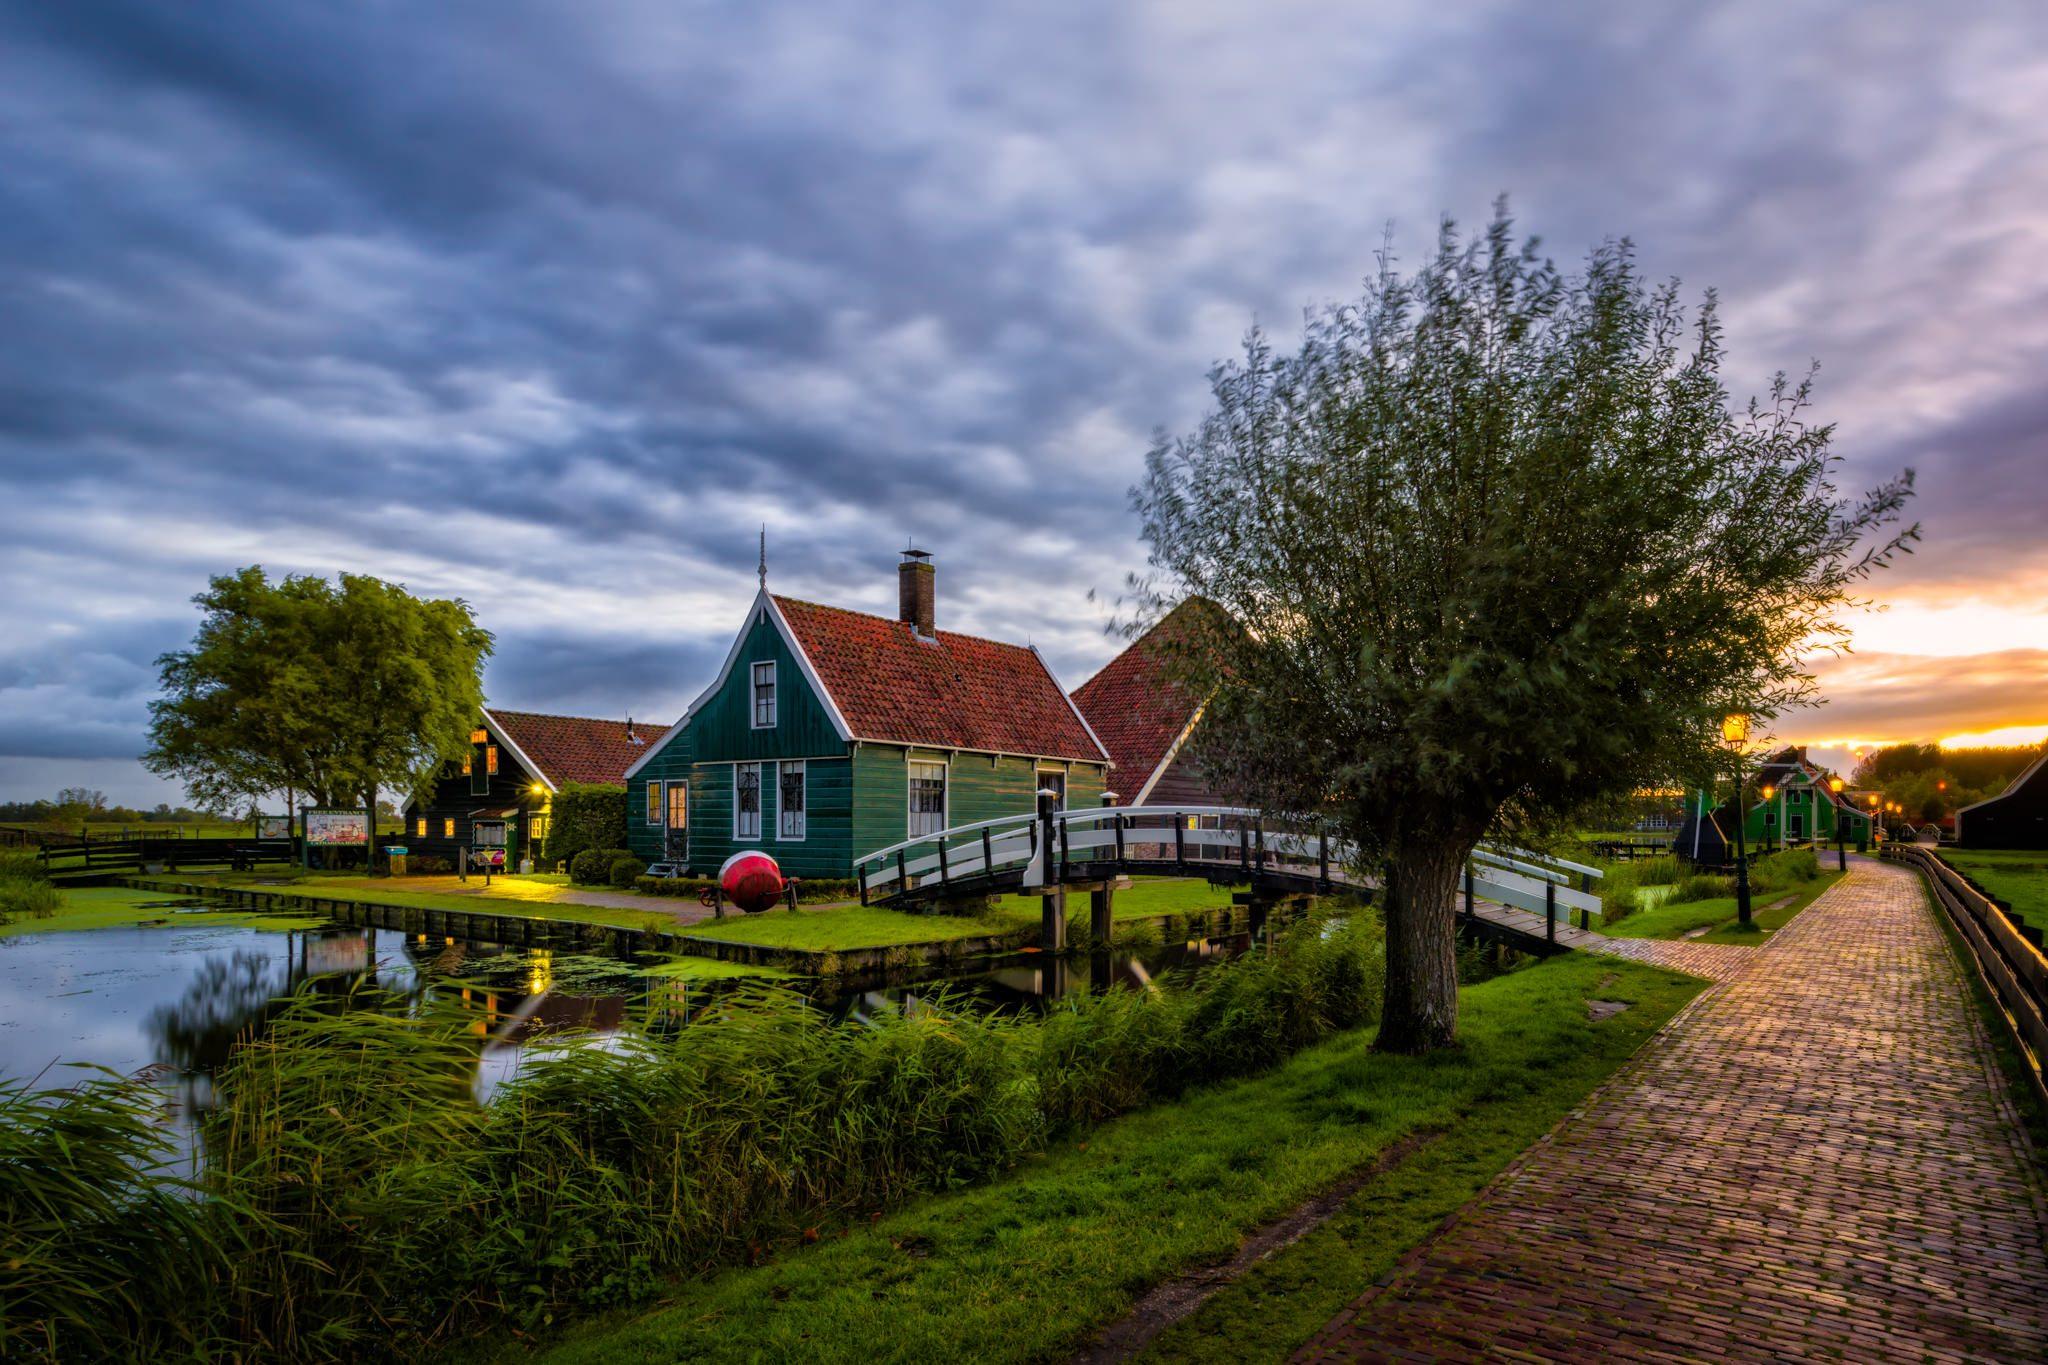 Zaanse Schans village in the Netherlands at sunrise.